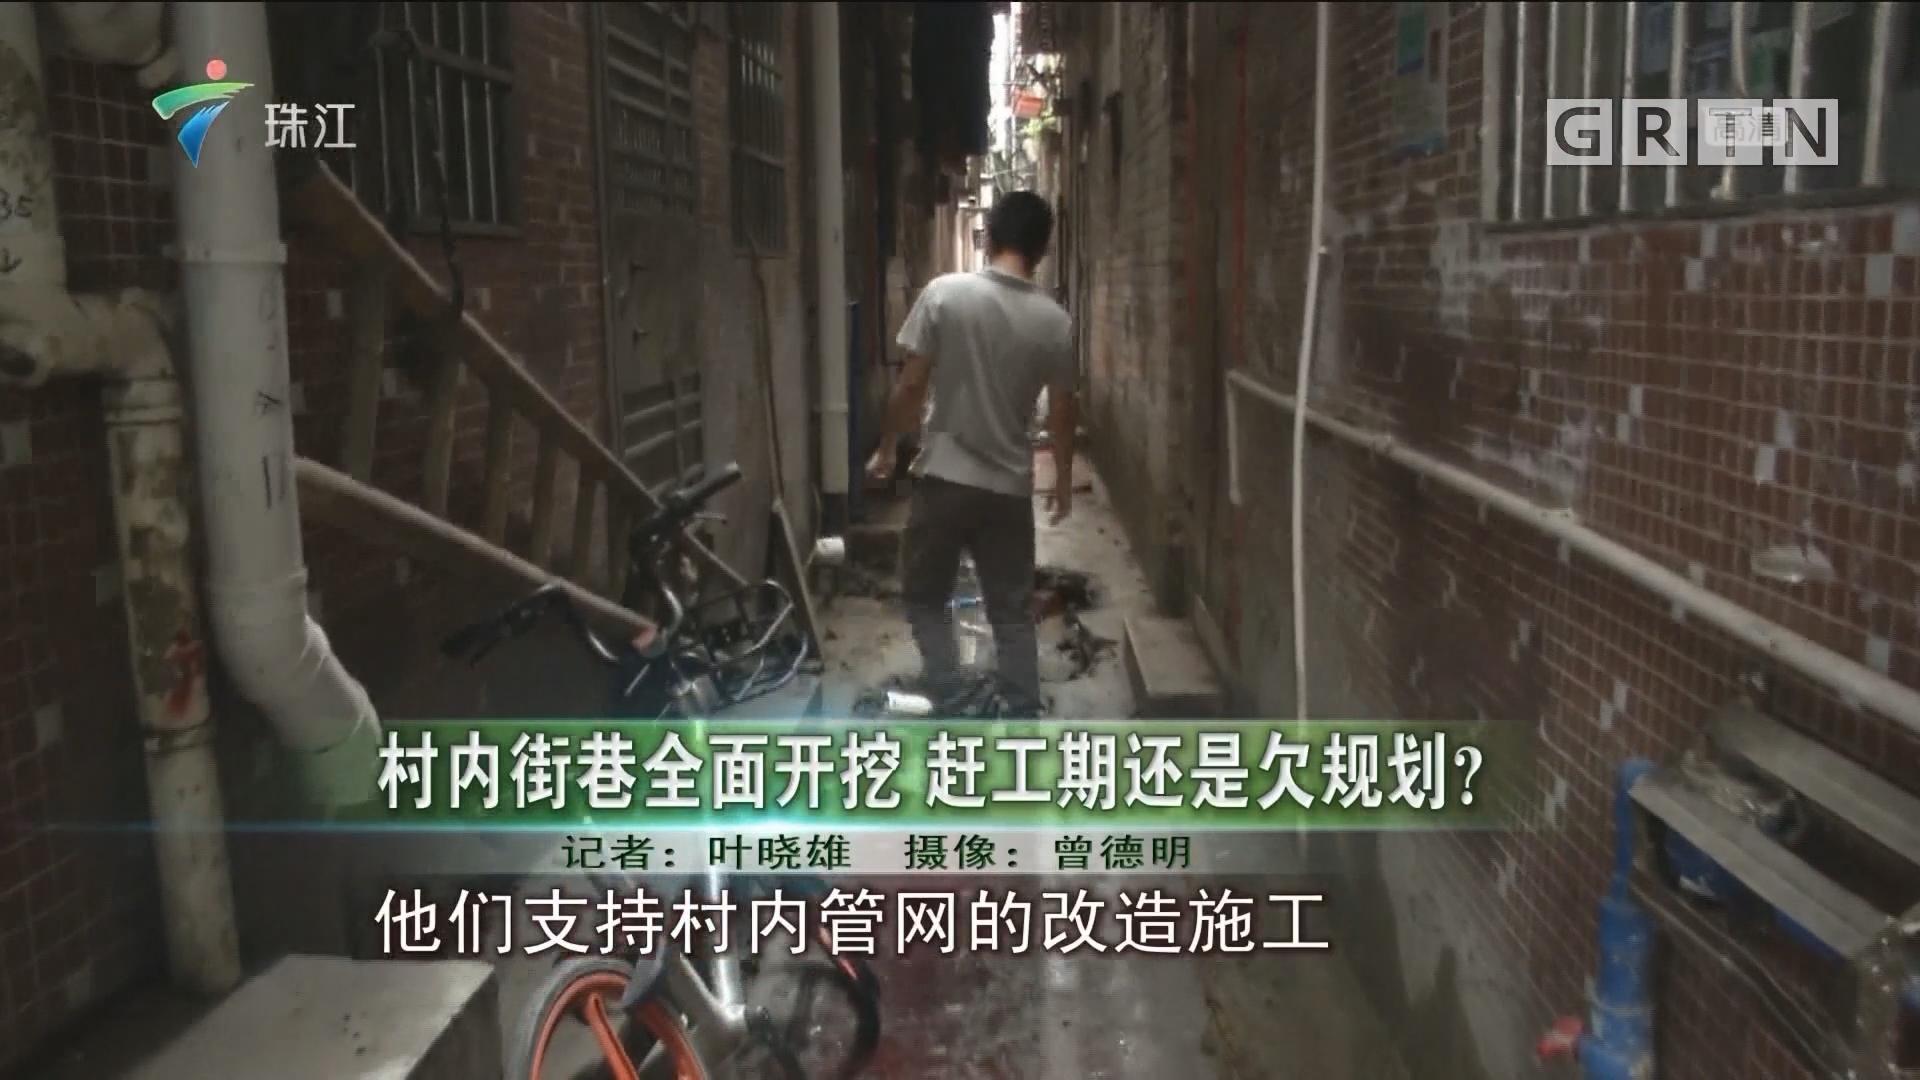 村内街巷全面开挖 赶工期还是欠规划?